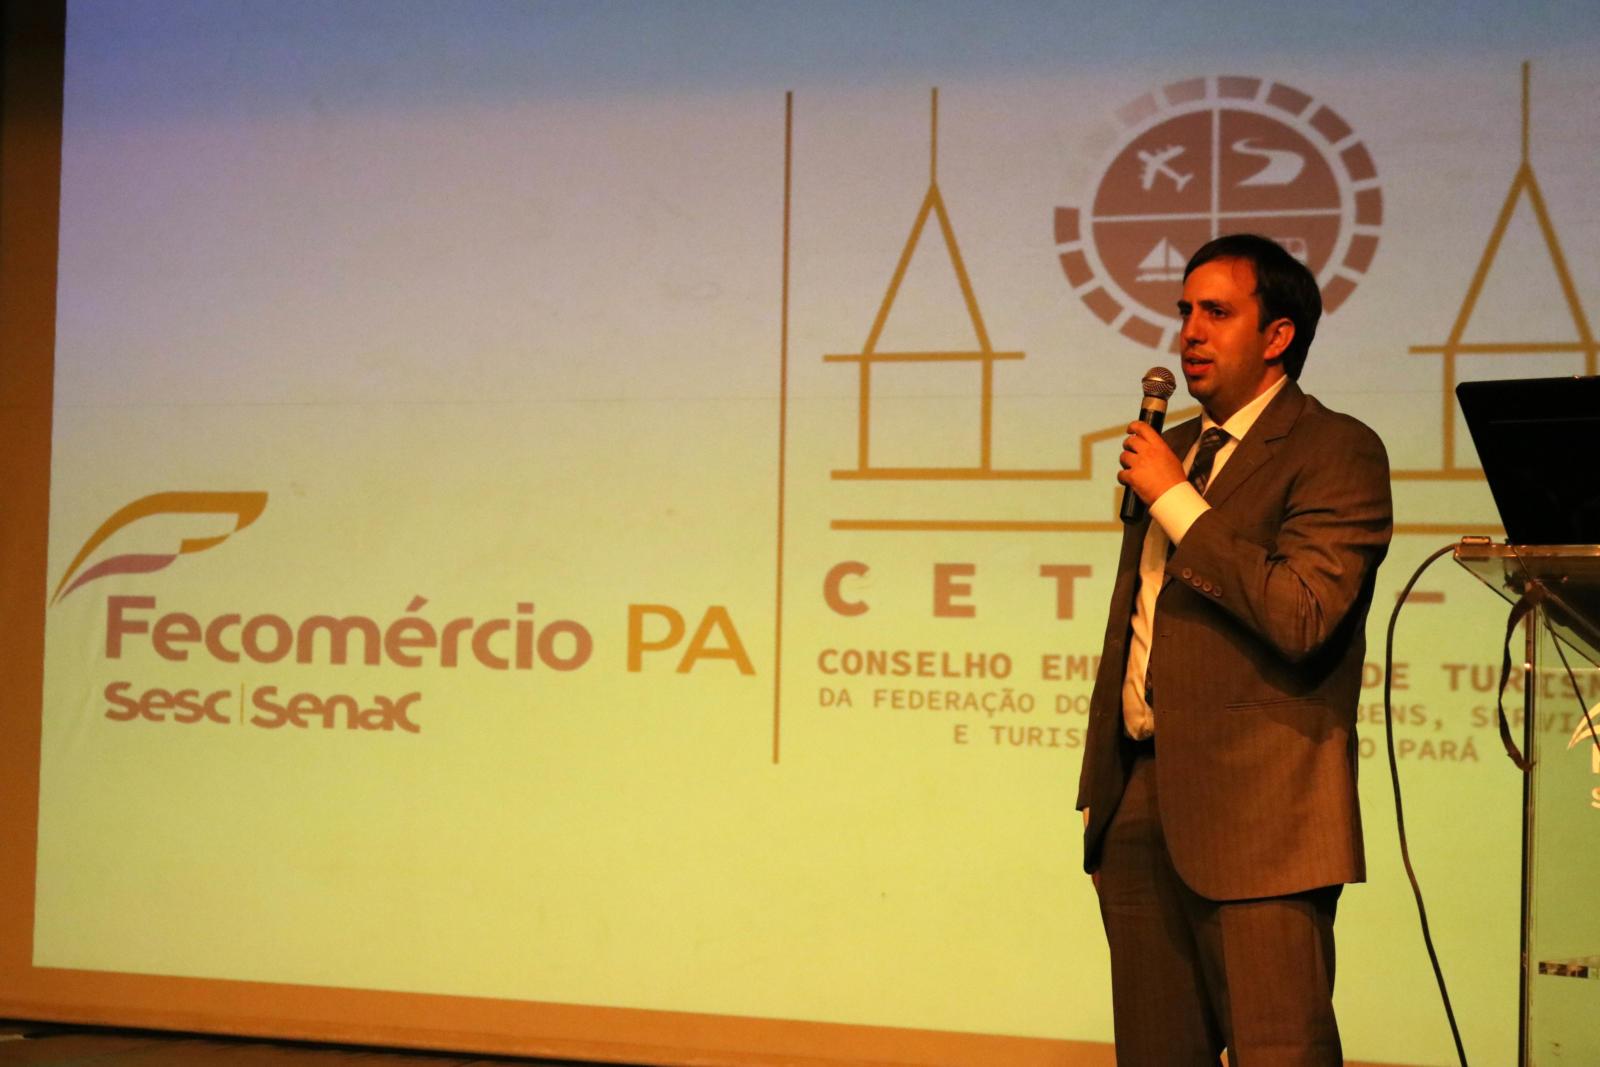 Secretário de Turismo, André Dias, representou o Governo do Estado do Pará em evento de implantação do Cetur